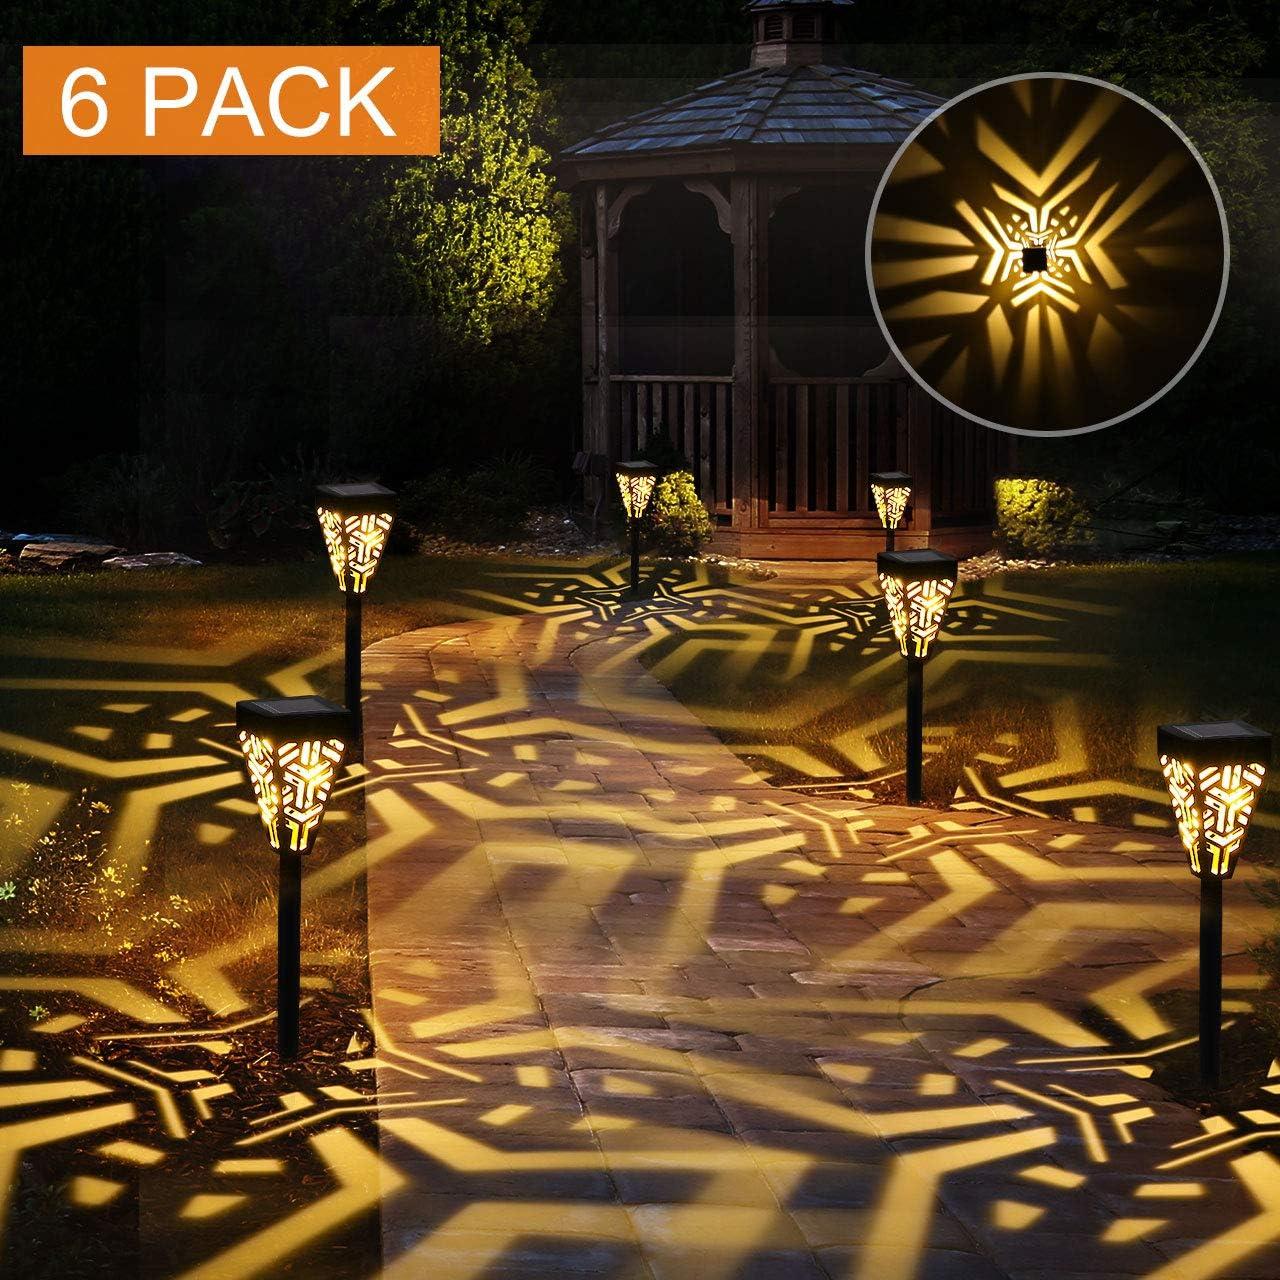 Lámparas Solares para Jardín Golwof 6 Piezas Luz Solar Exterior Jardin Luces Solares Jardin Exterior Farolillos Solares Exterior Iluminación de Caminos Decorativas para Camino Patio Césped